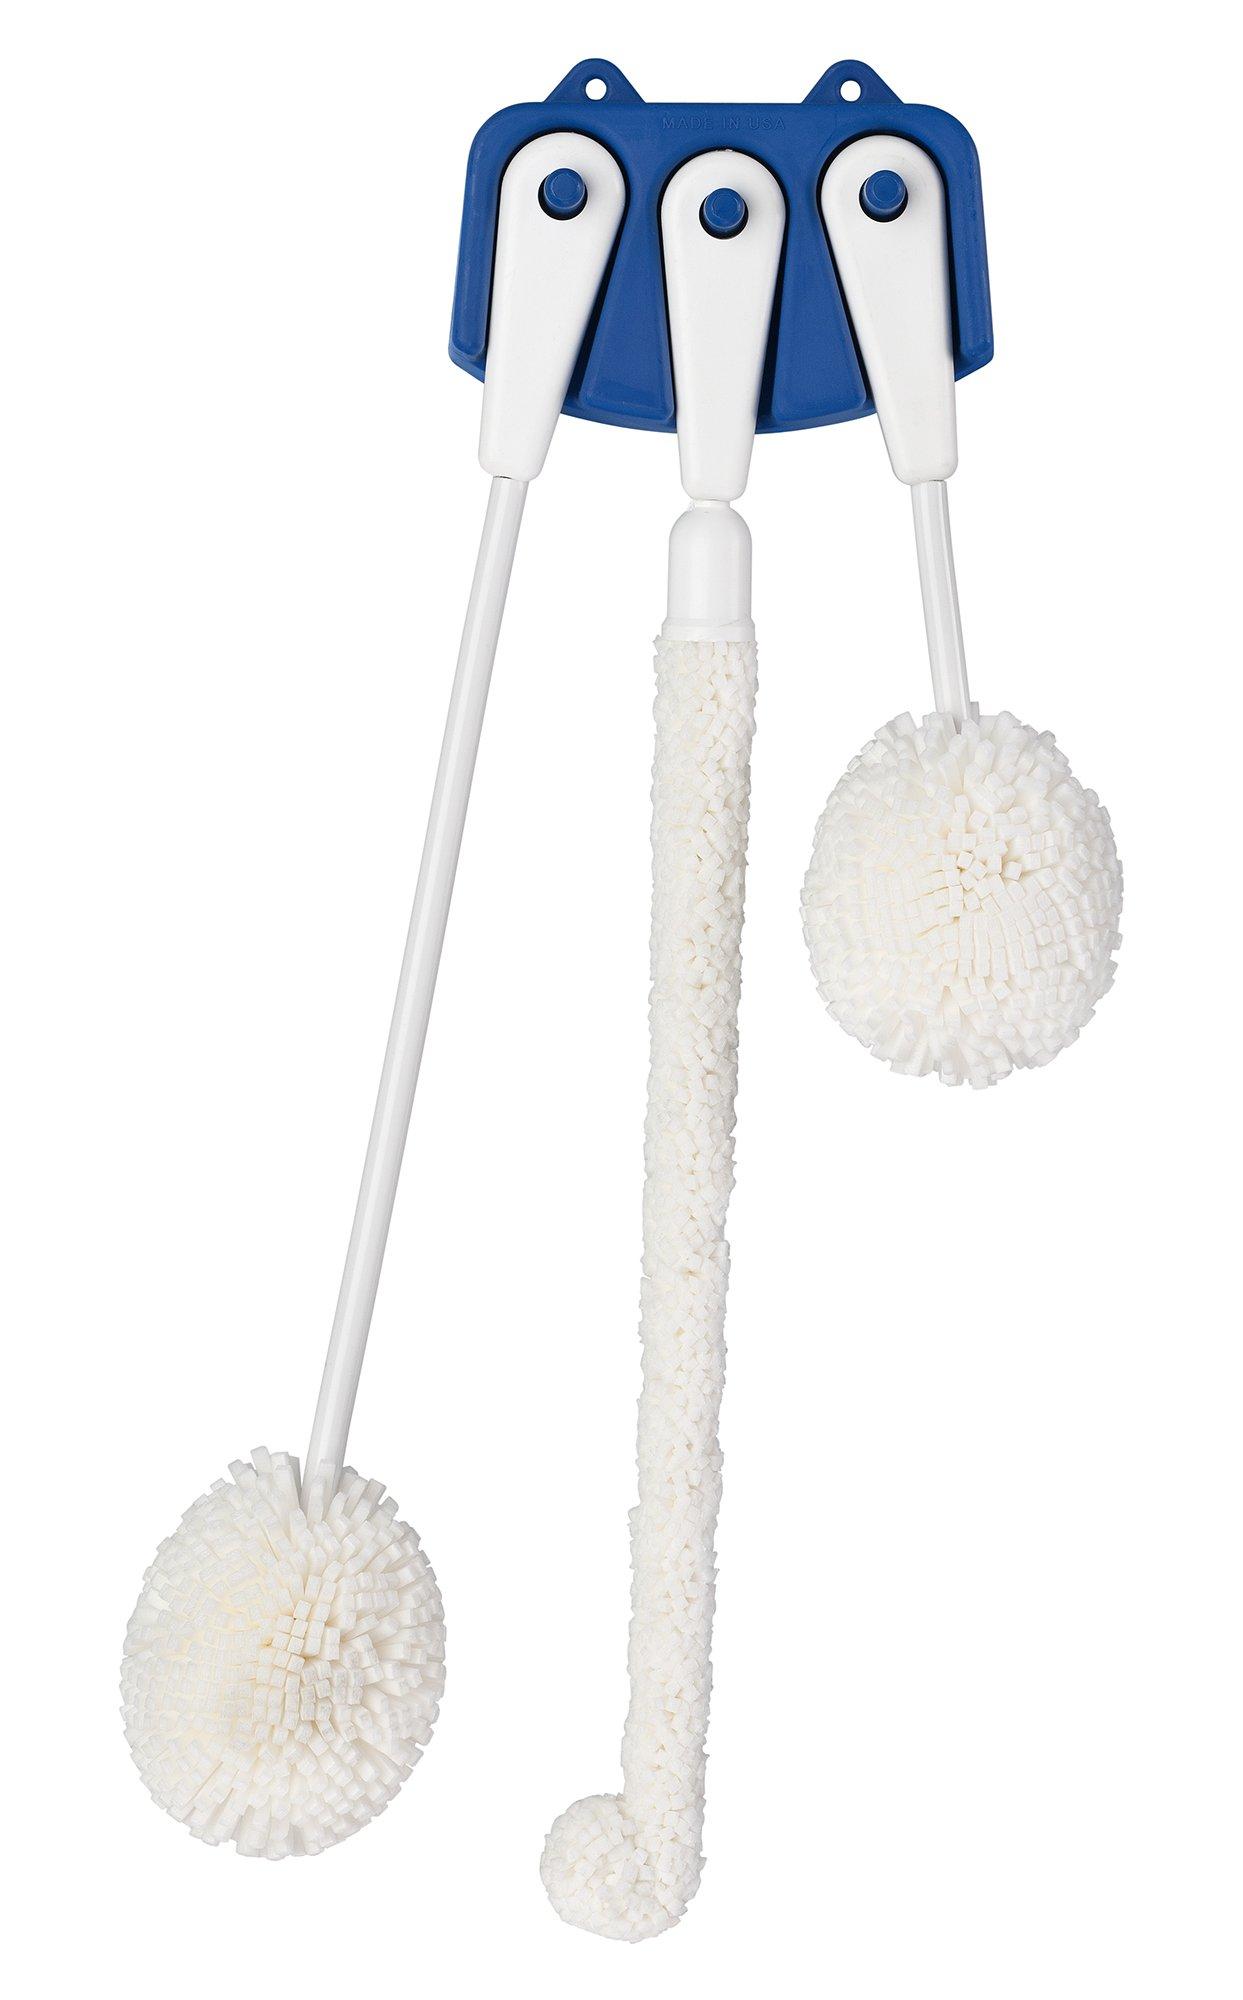 Chemglass CG-1141-01 Foam Brush Set, Glassware Cleaning, 2'' Height